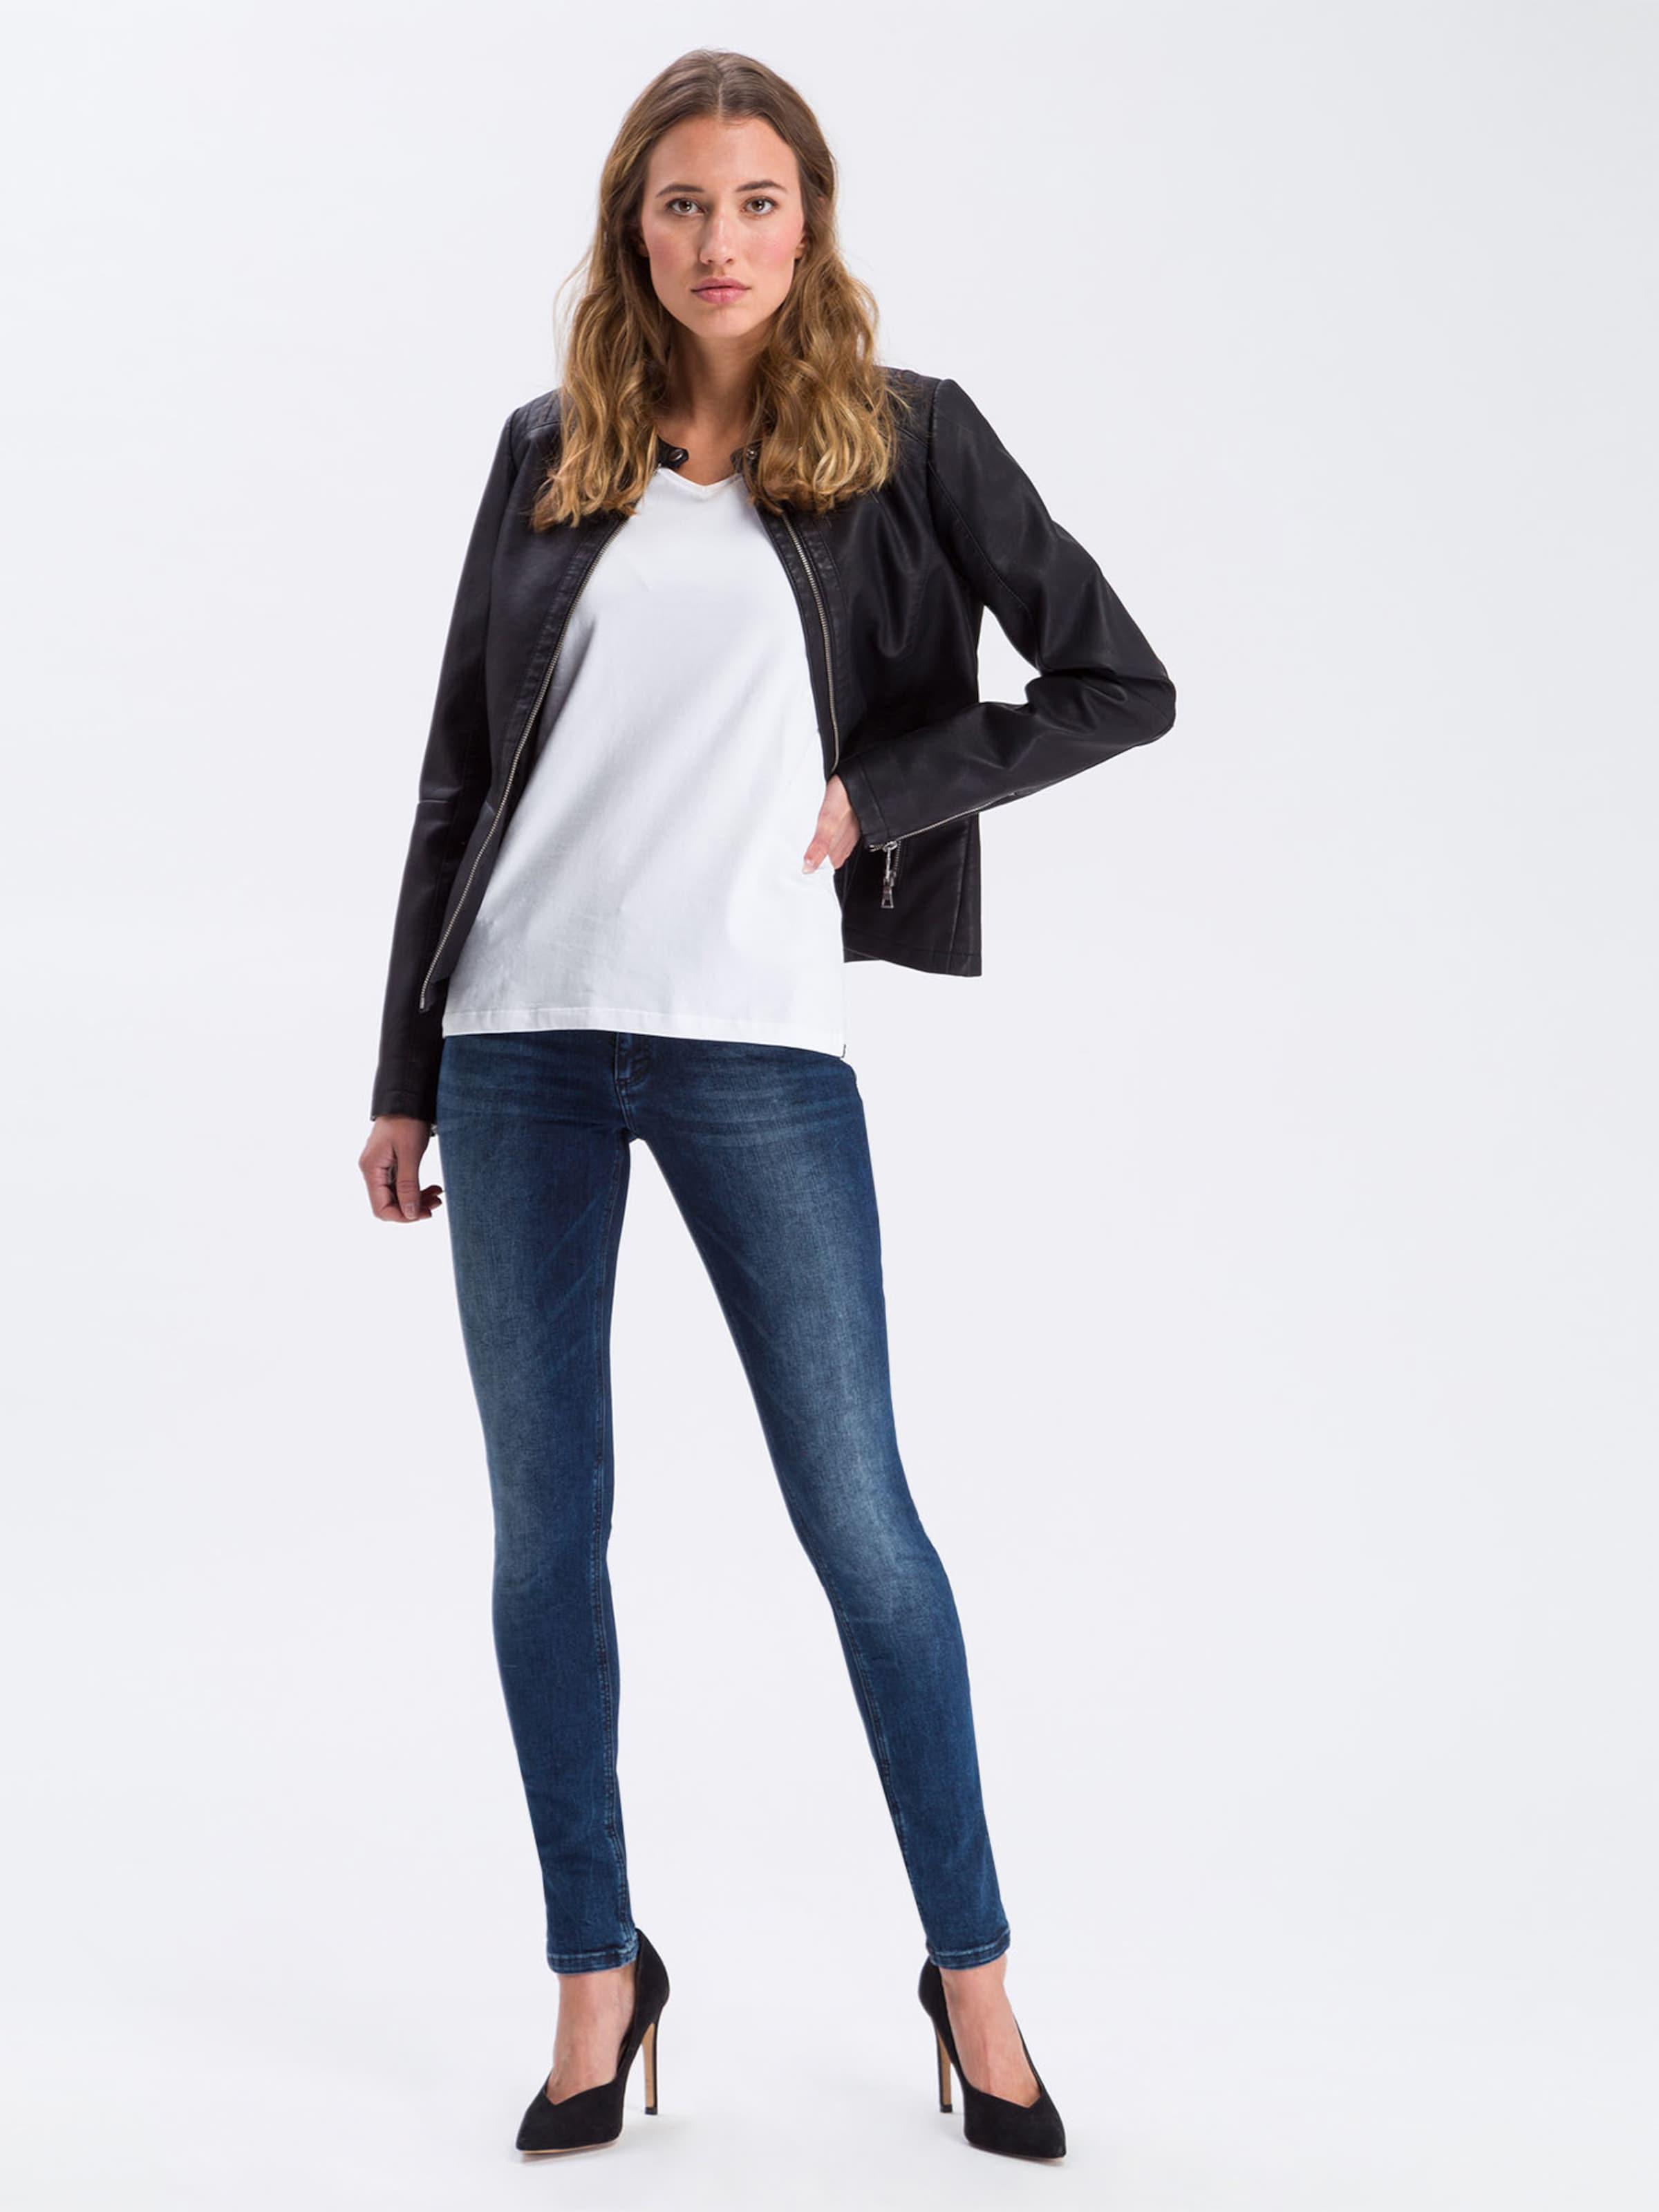 Dunkelblau Cross In Cross Jeans 'alan' 'alan' Jeans roQxBWdCEe